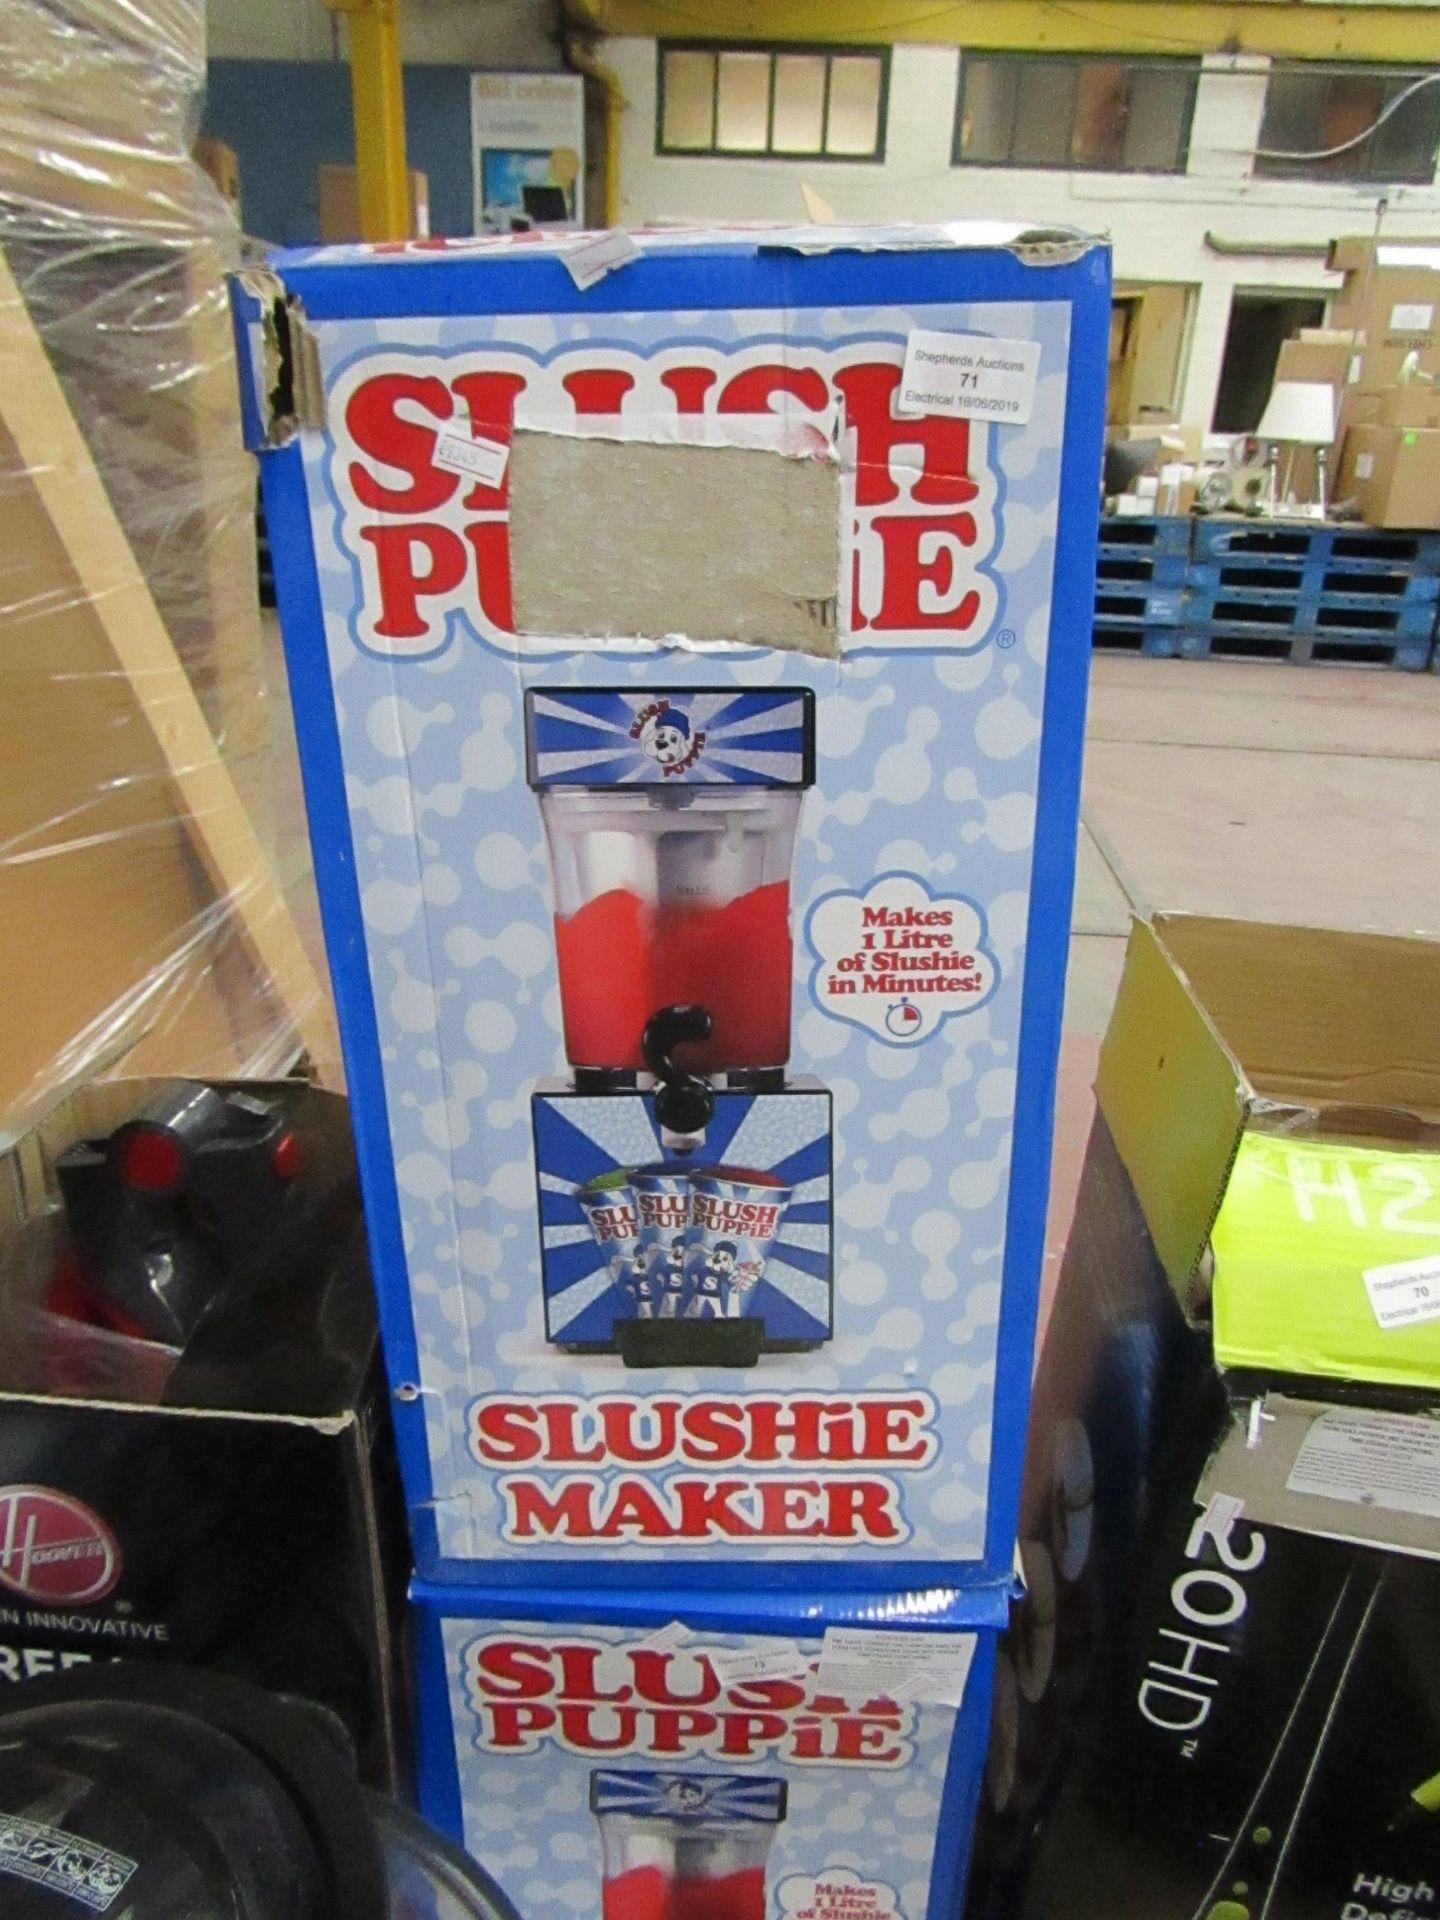 Lot 71 - Slush puppie slushie maker, tested working and boxed.